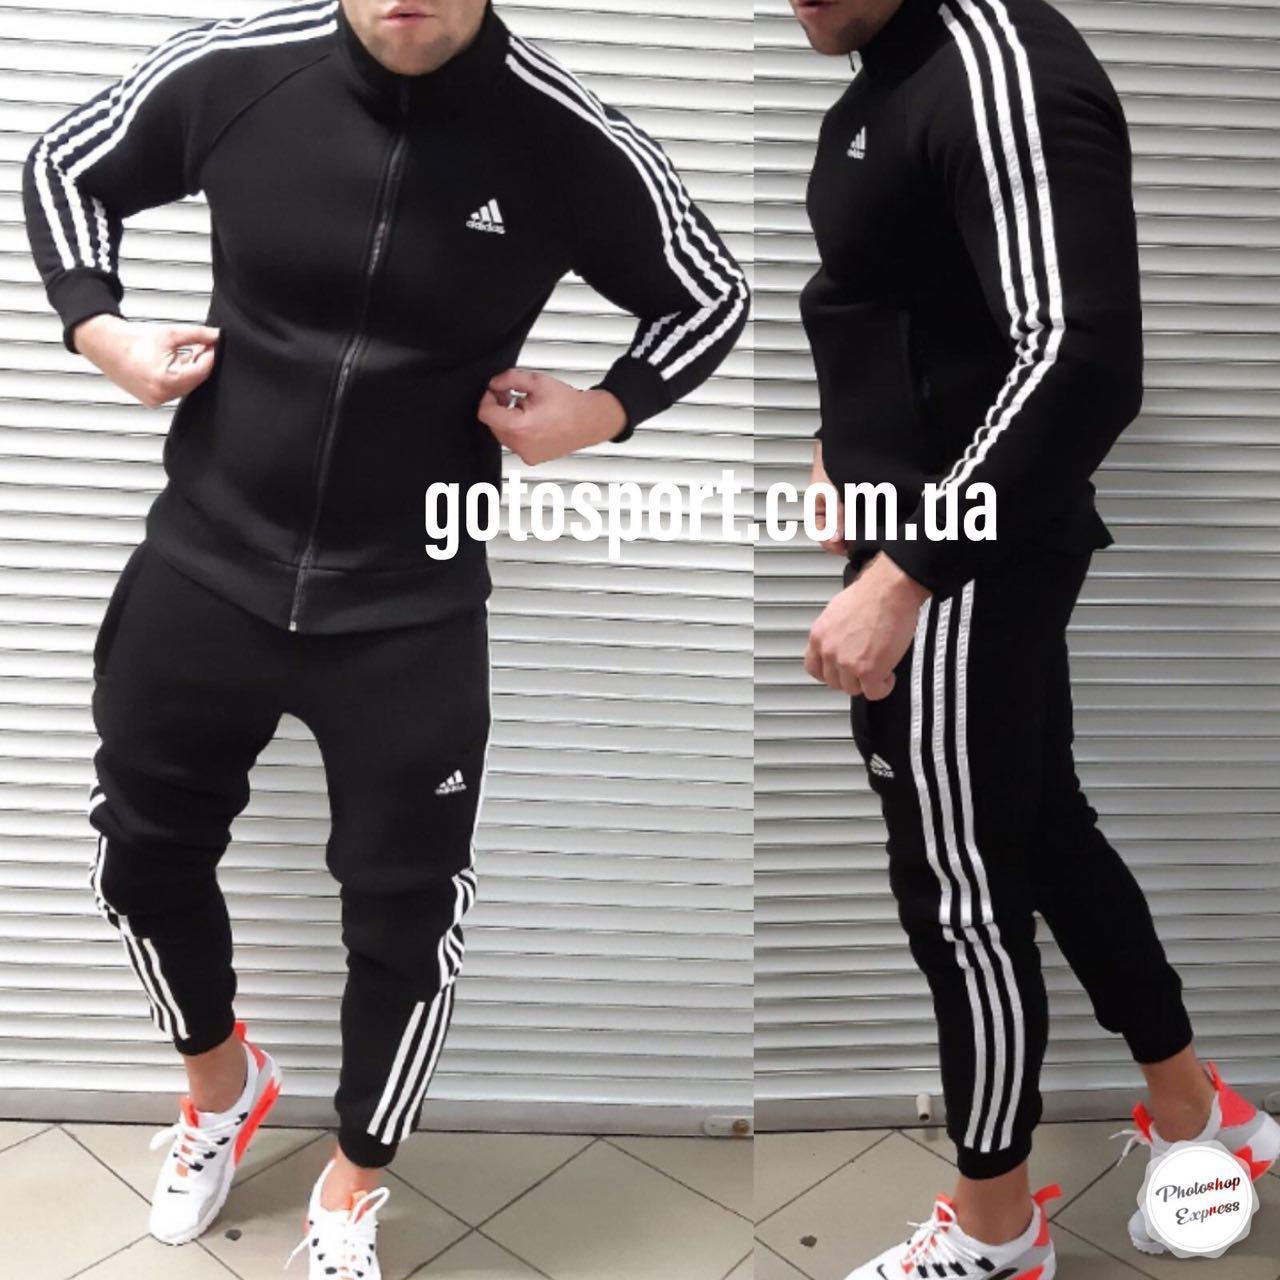 Зимний мужской спортивный костюм Adidas Forward